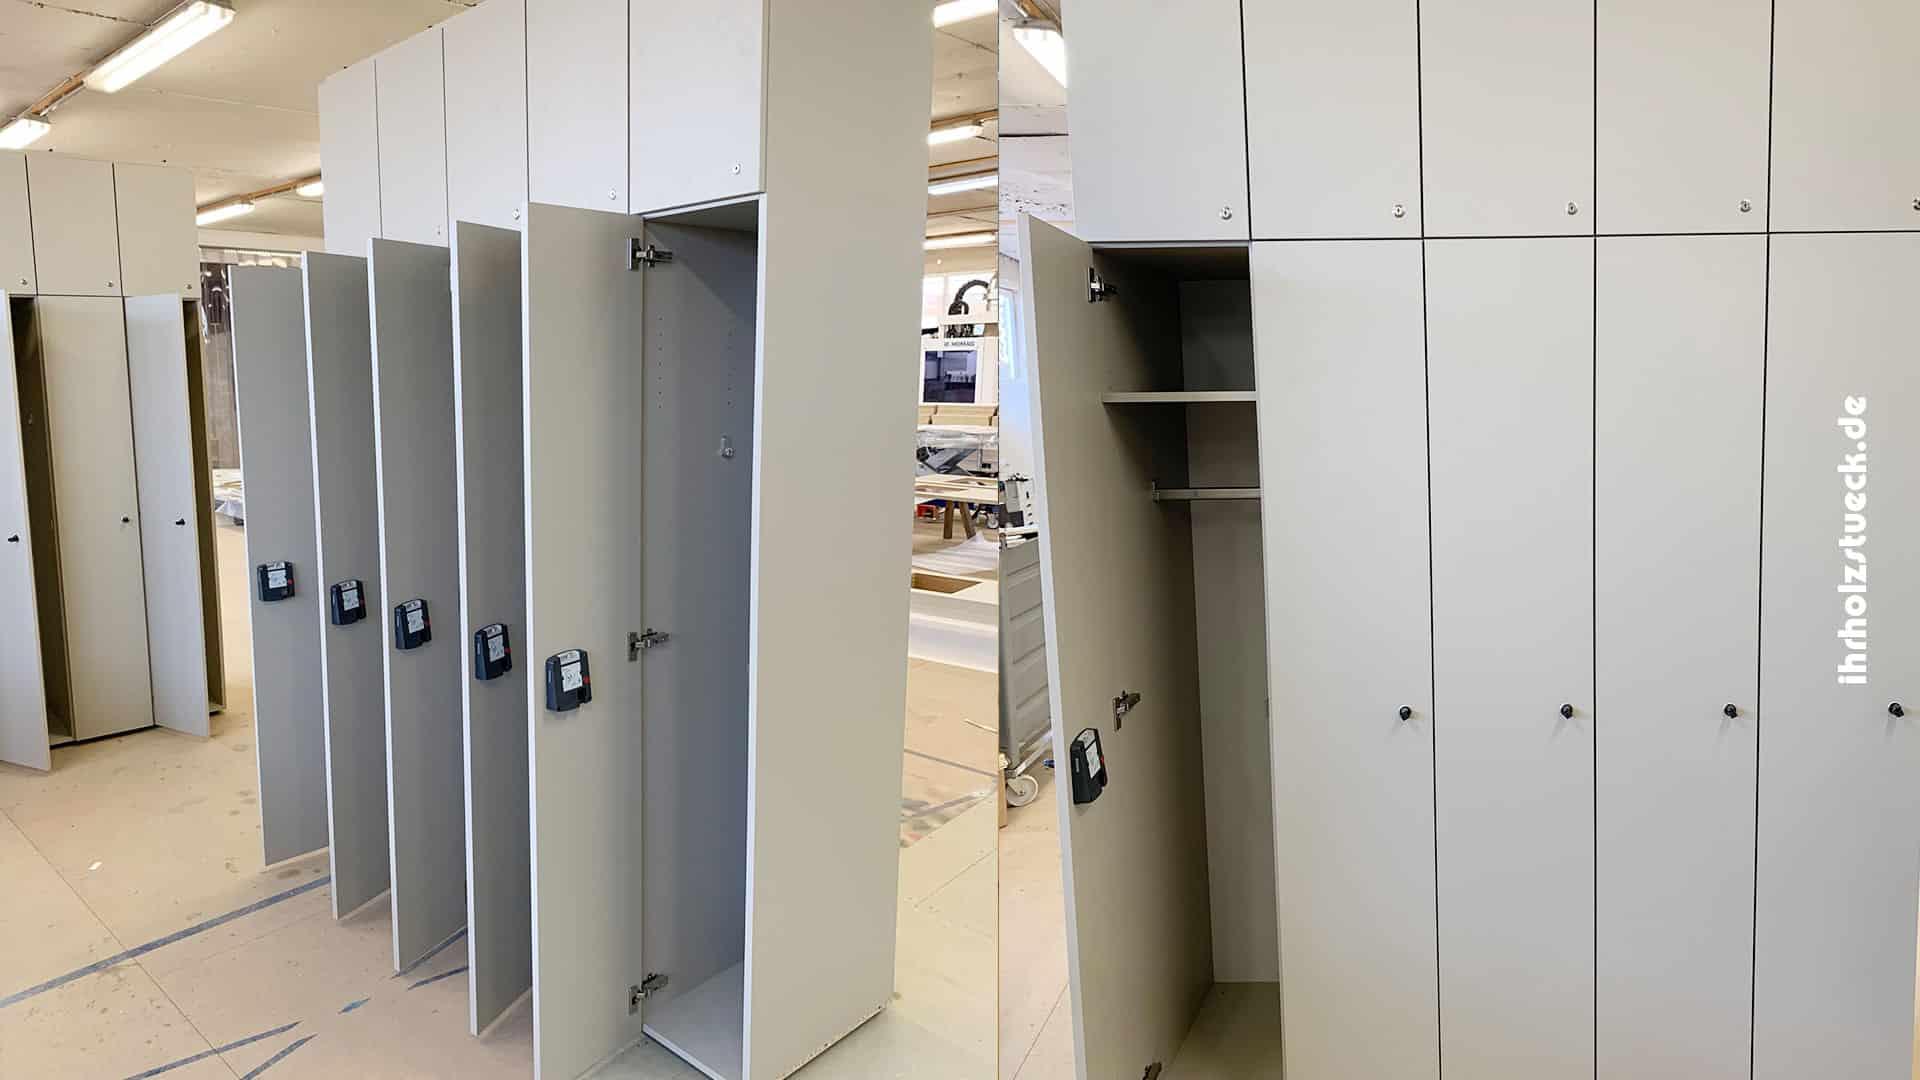 Beitragsbild - Bau von Garderobenschränken mit 5 Einheiten und Euroschlössern - ihrholzstueck